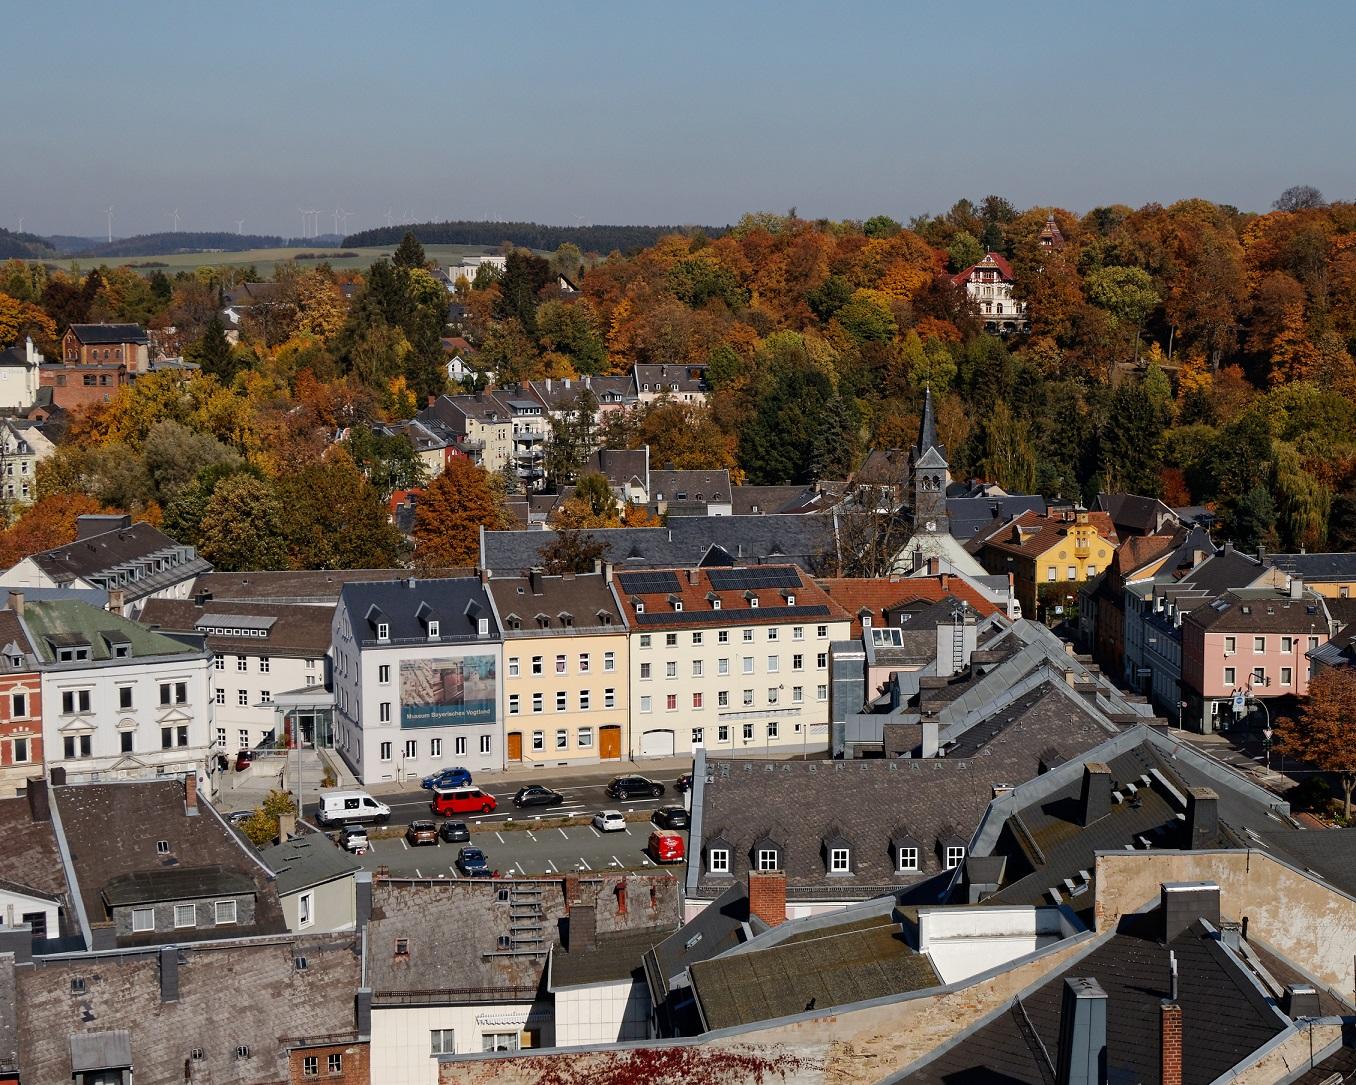 Stadt Hof; Museum; Museum Bayerisches Vogtland; Rückkehr; Museumsleitung; Theresienstein; Herbst; Sigmundsgraben; Landkreis Hof; Hofer Land; Bayerisches Vogtland; Oberfranken; Hochfranken